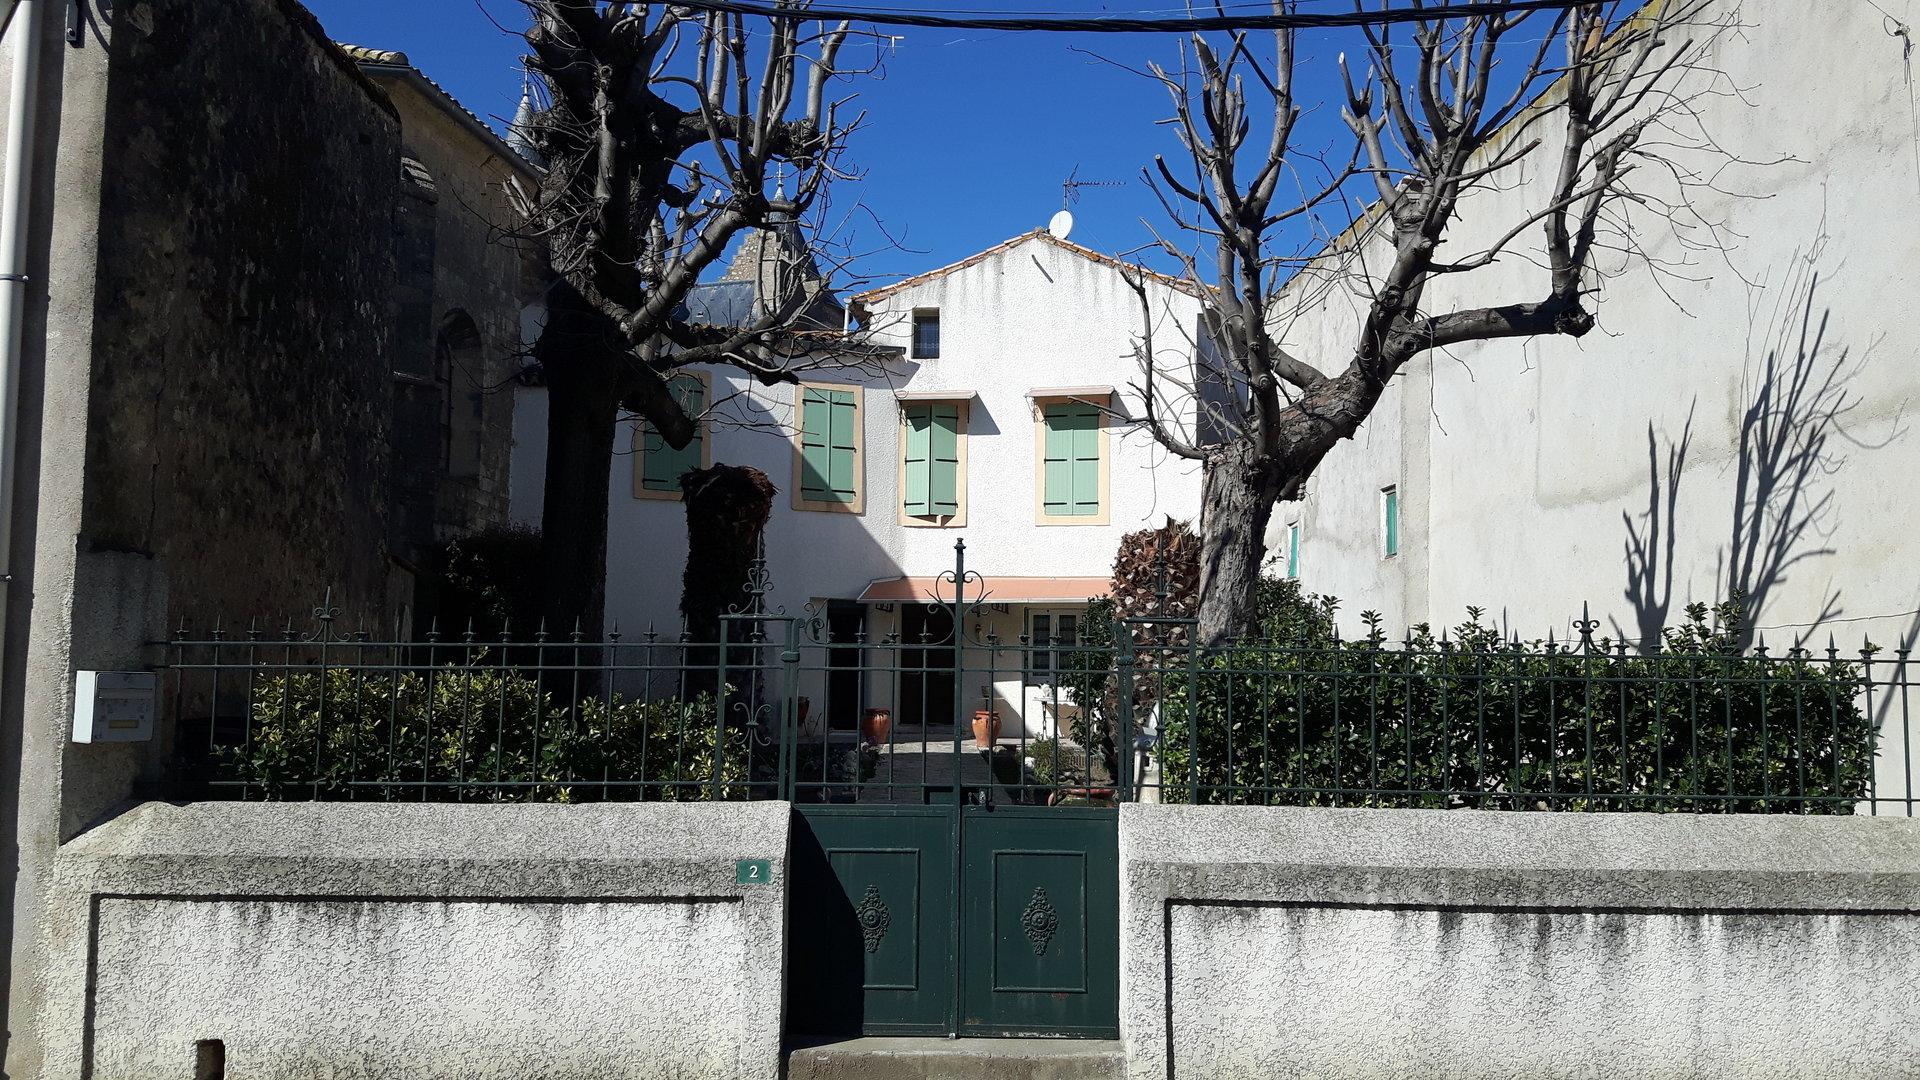 Elegant  herrskapshus med trädgârd